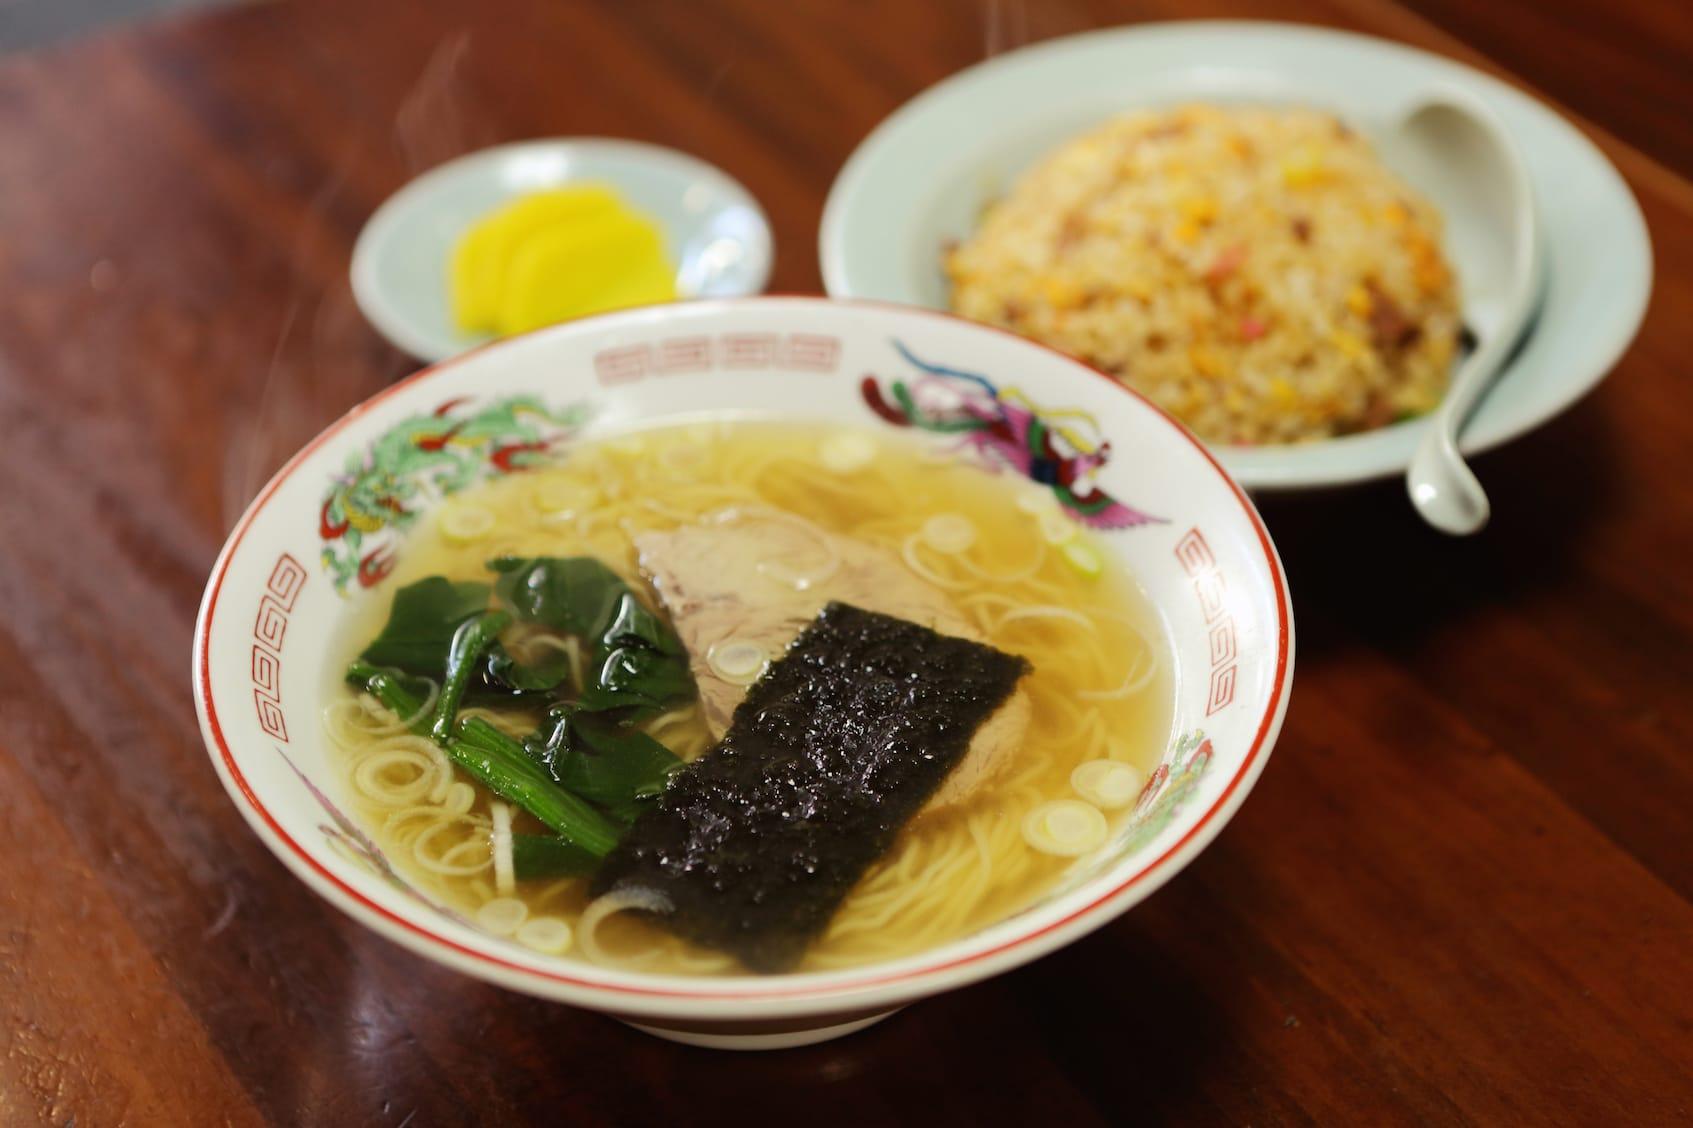 週に何度か通うというお気に入りの中華店「珉亭」。おすすめはラーチャン(ラーメン&チャーハン)。「世界で三番目に旨い」のは、下北沢にある「珉亭」からのれん分けだからとか。